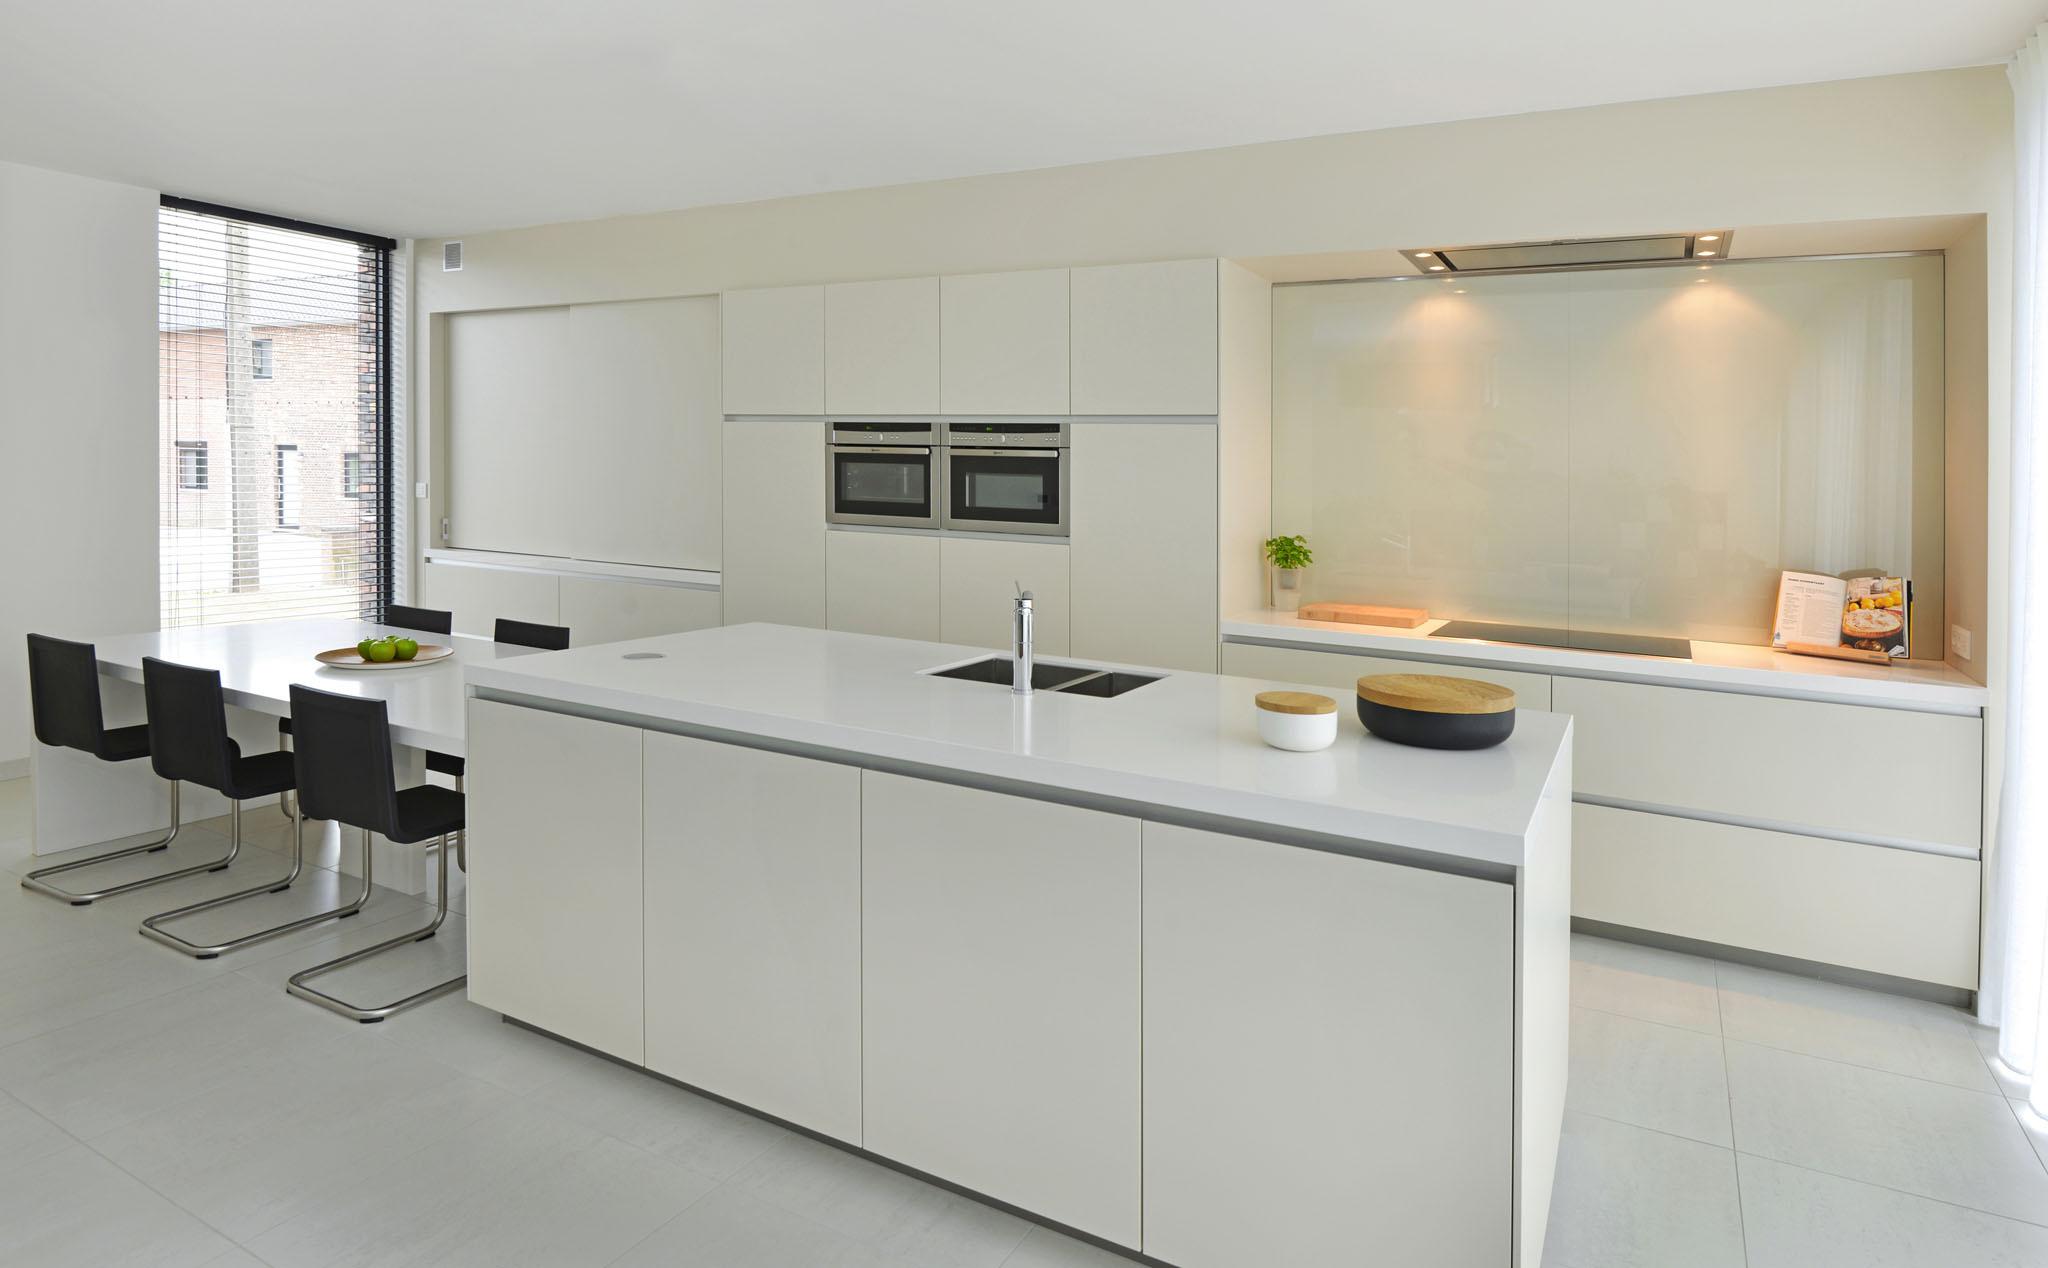 Eigentijds keuken model moderne keukens incl foto s en prijzen db